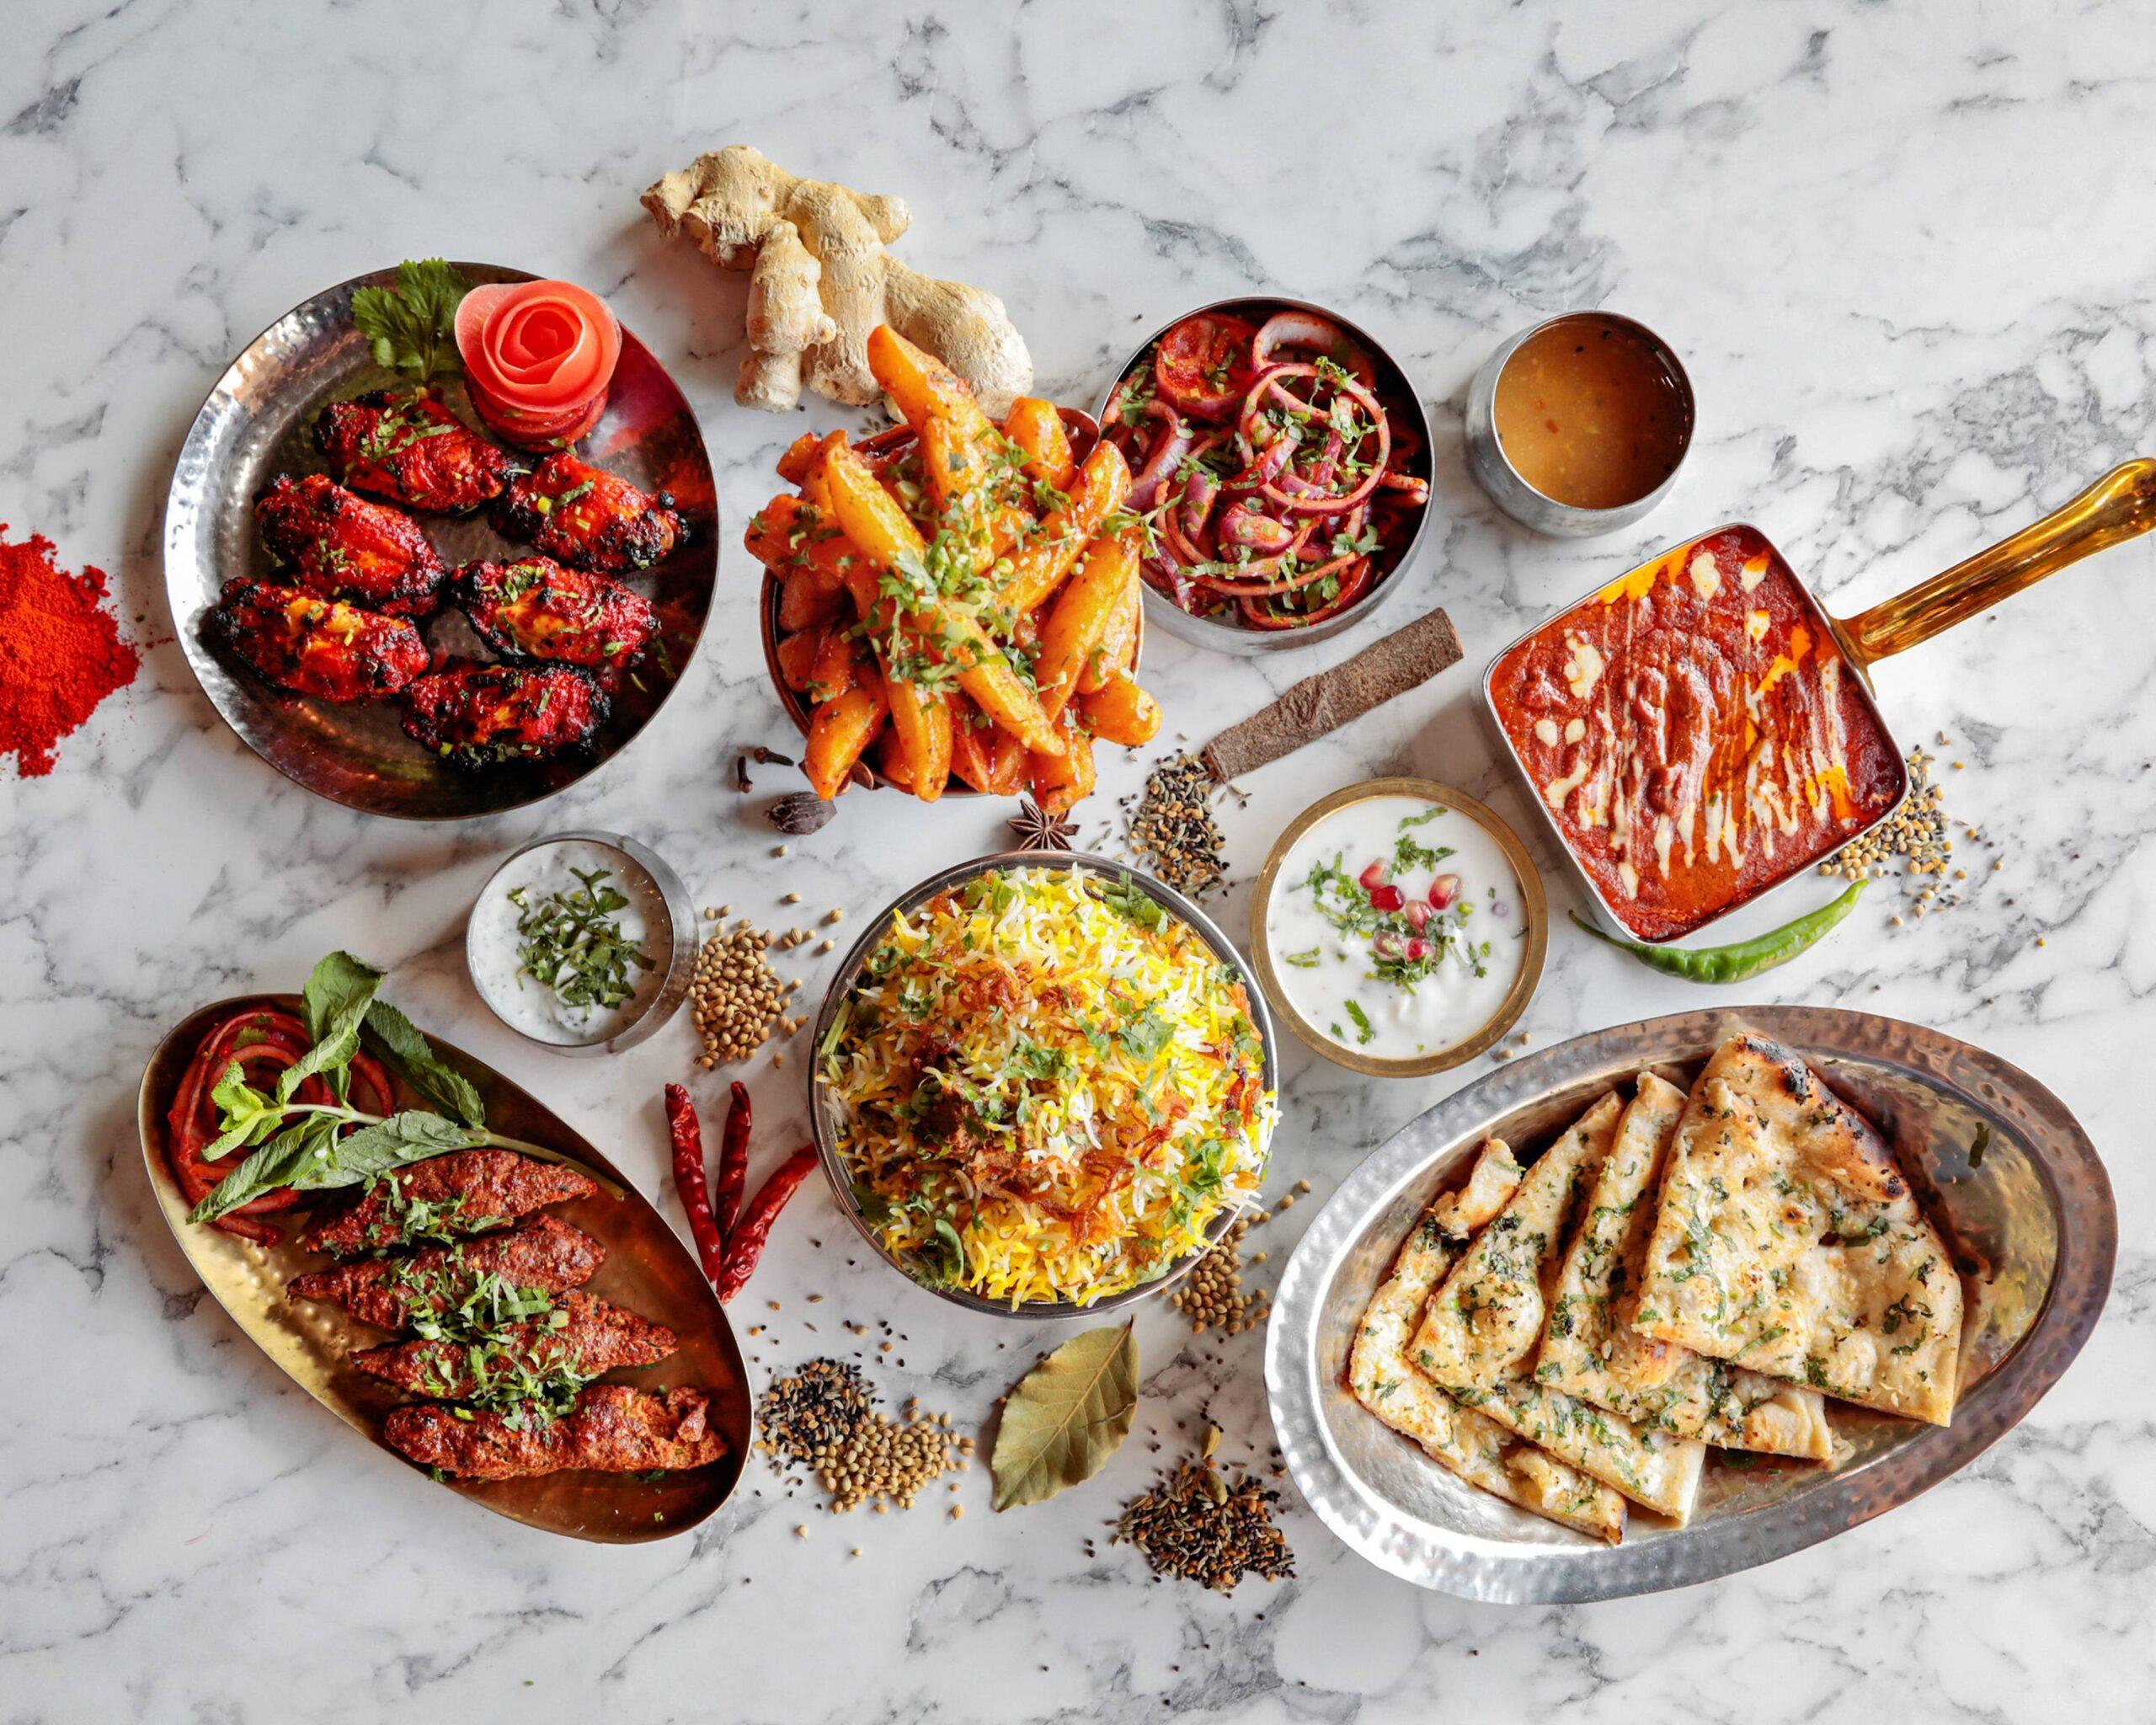 رستوران زعفران در لندن